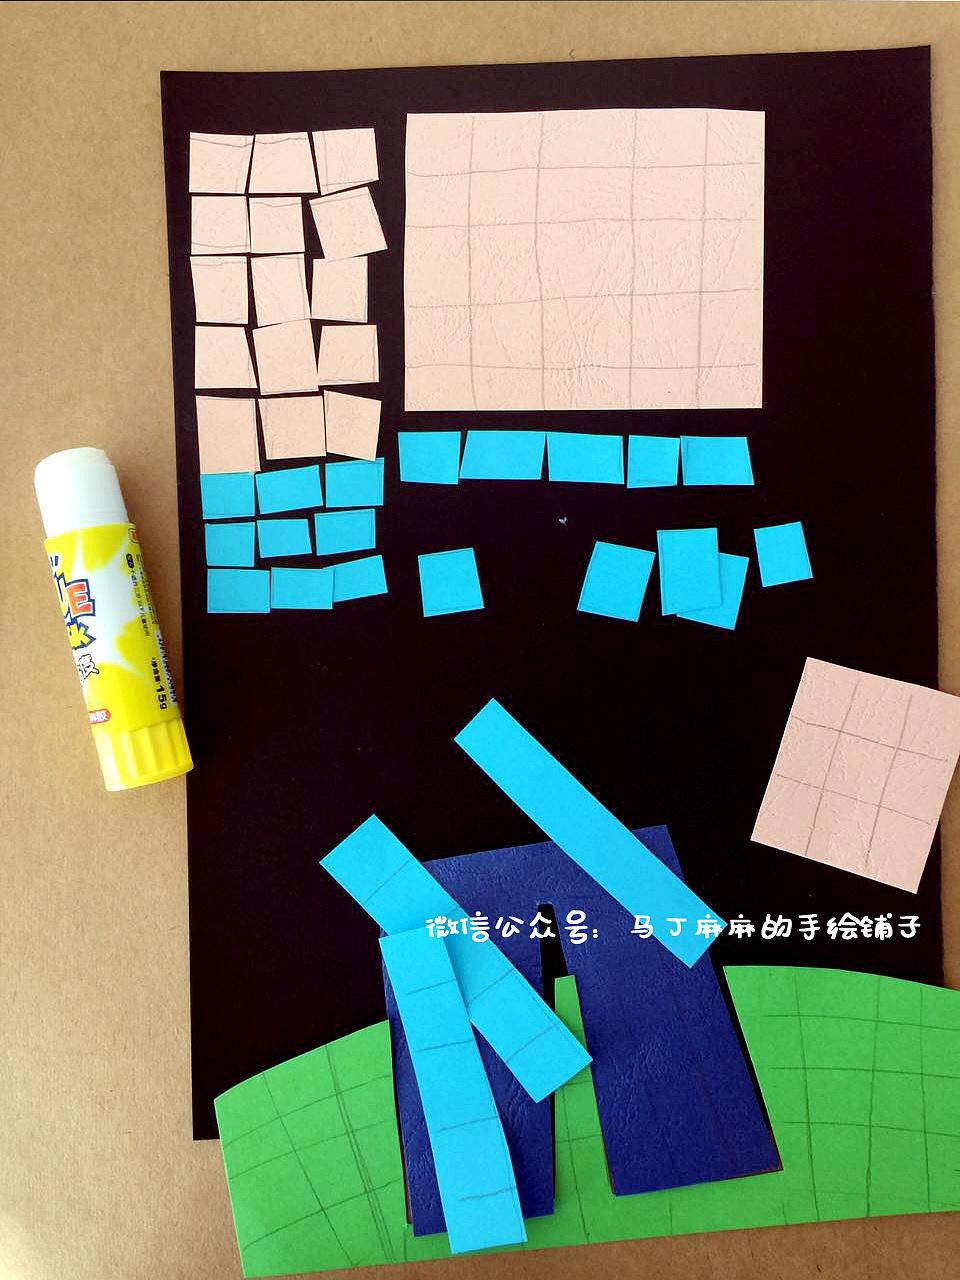 一幅儿童拼贴画的制作过程